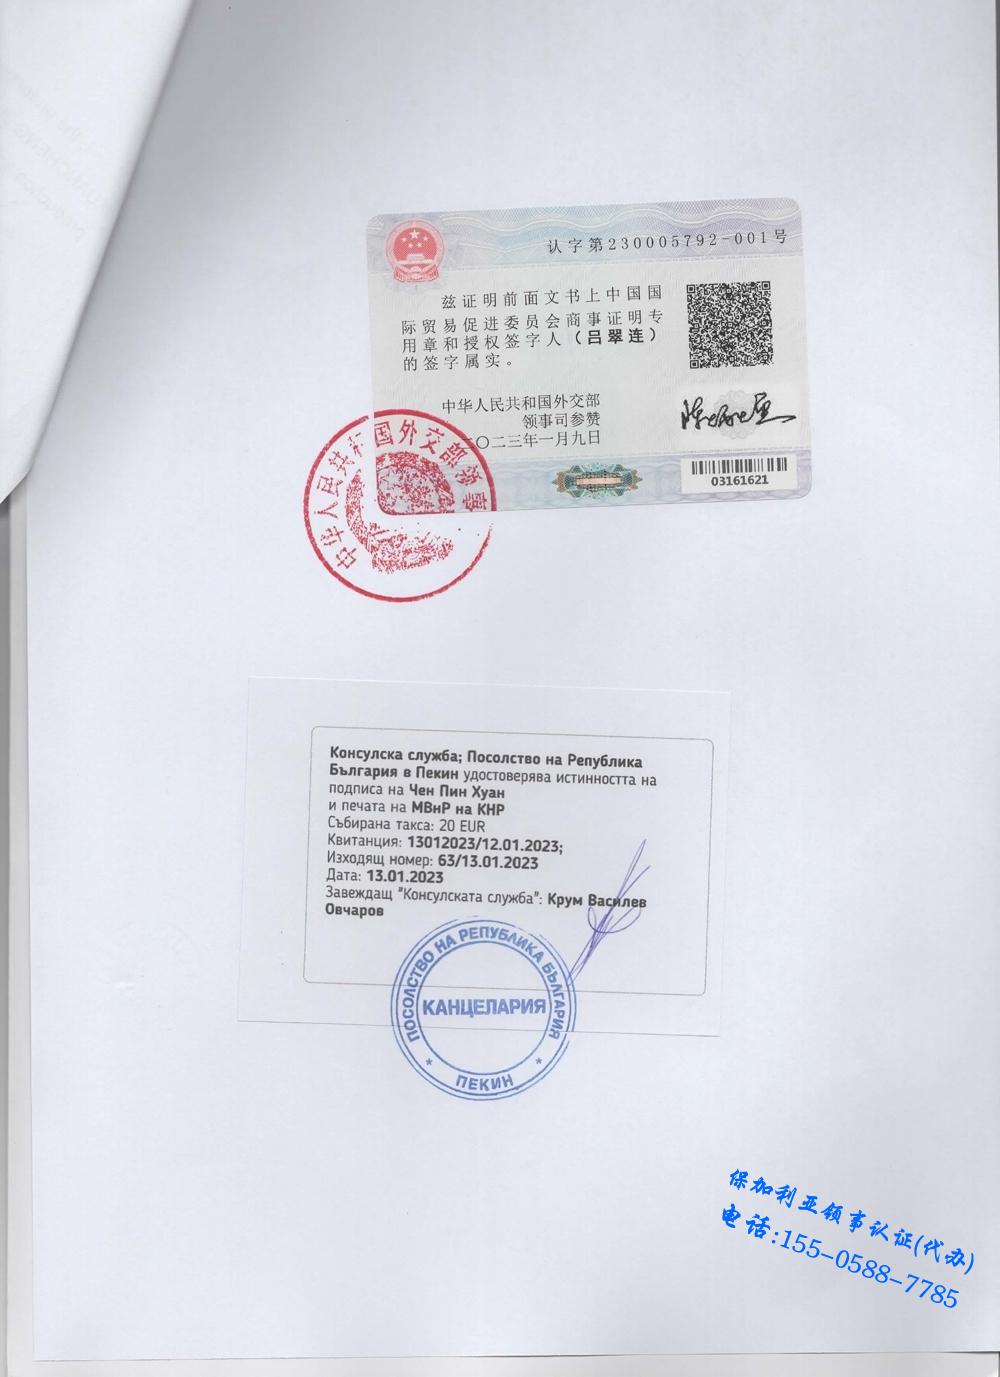 保加利亚领事认证